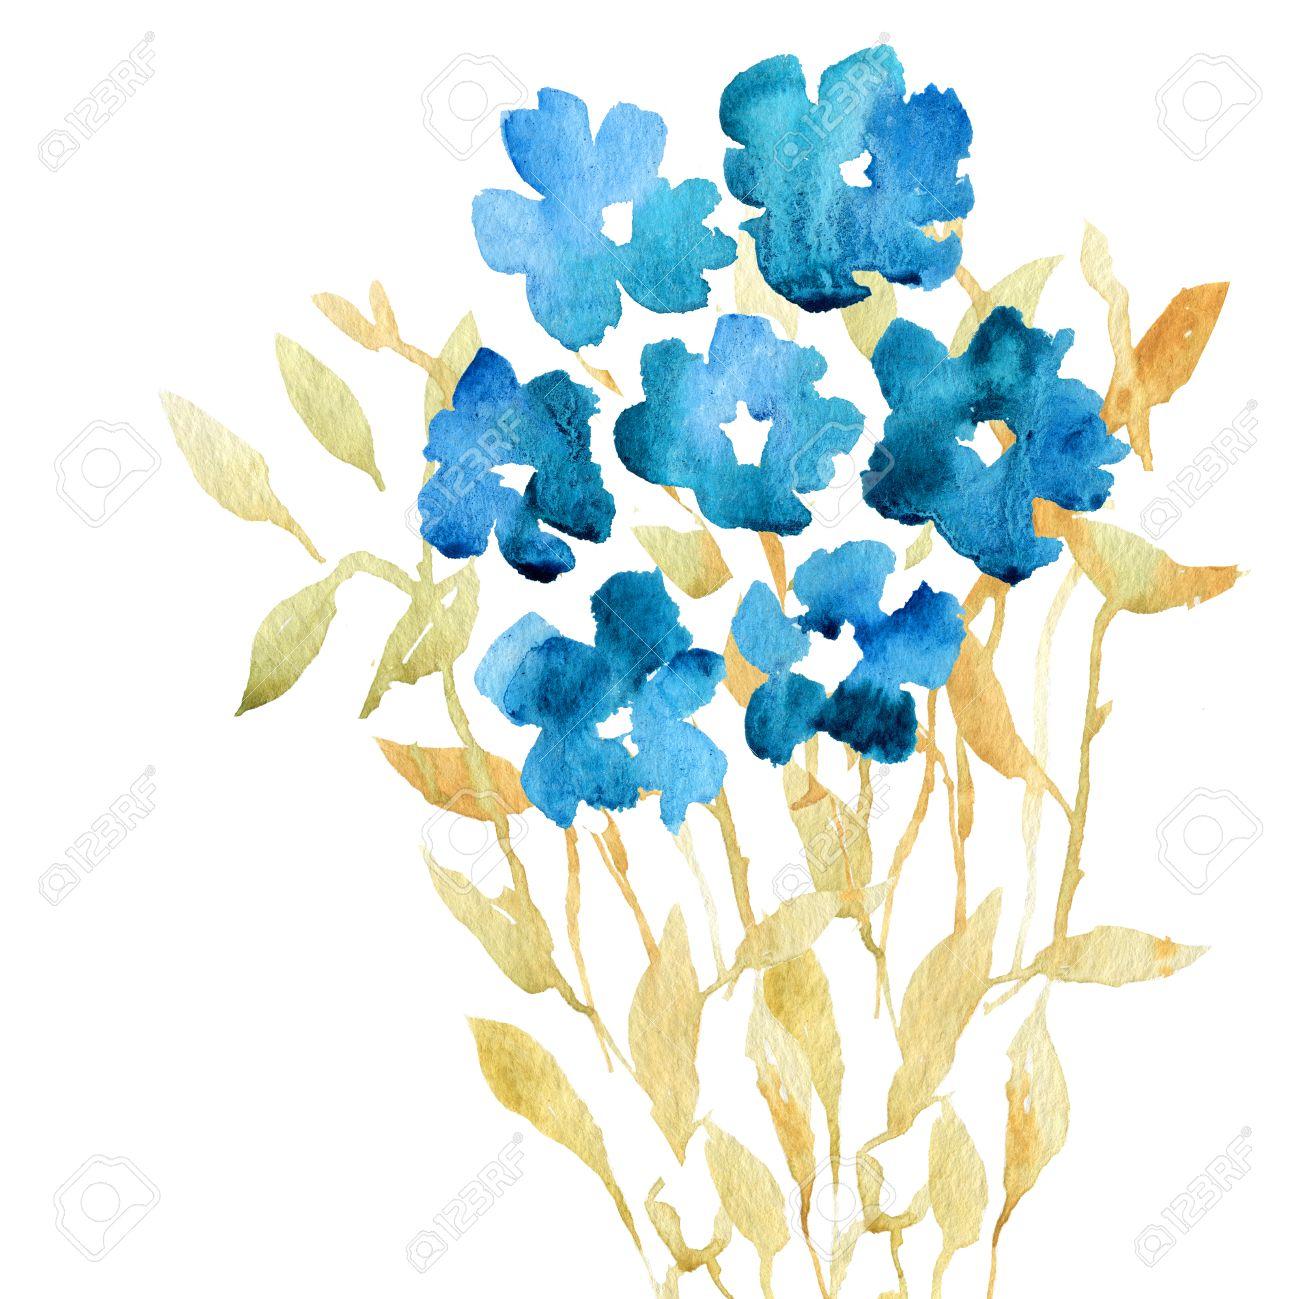 Conjunto Floral De La Acuarela Colorido Azul Y Ocre Coleccion Con